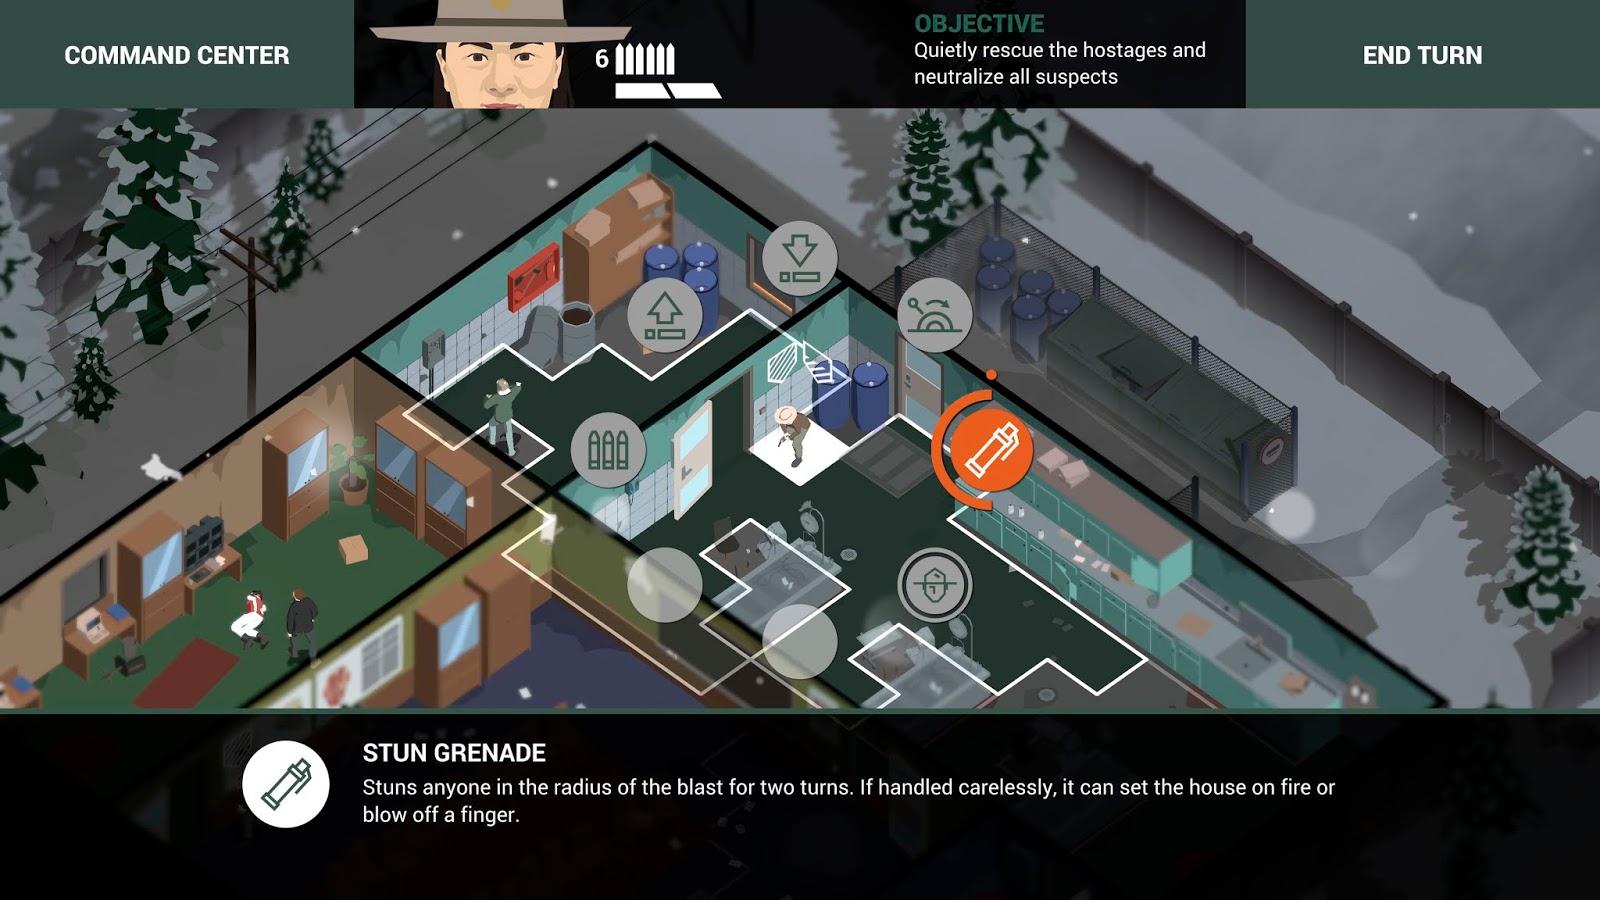 This Is the Police 2, симулятор начальника полиции города, продолжение про Джека Бойда, инди-игра, Рецензия, Обзор, Отзыв, Мнение, Indie Game, Review